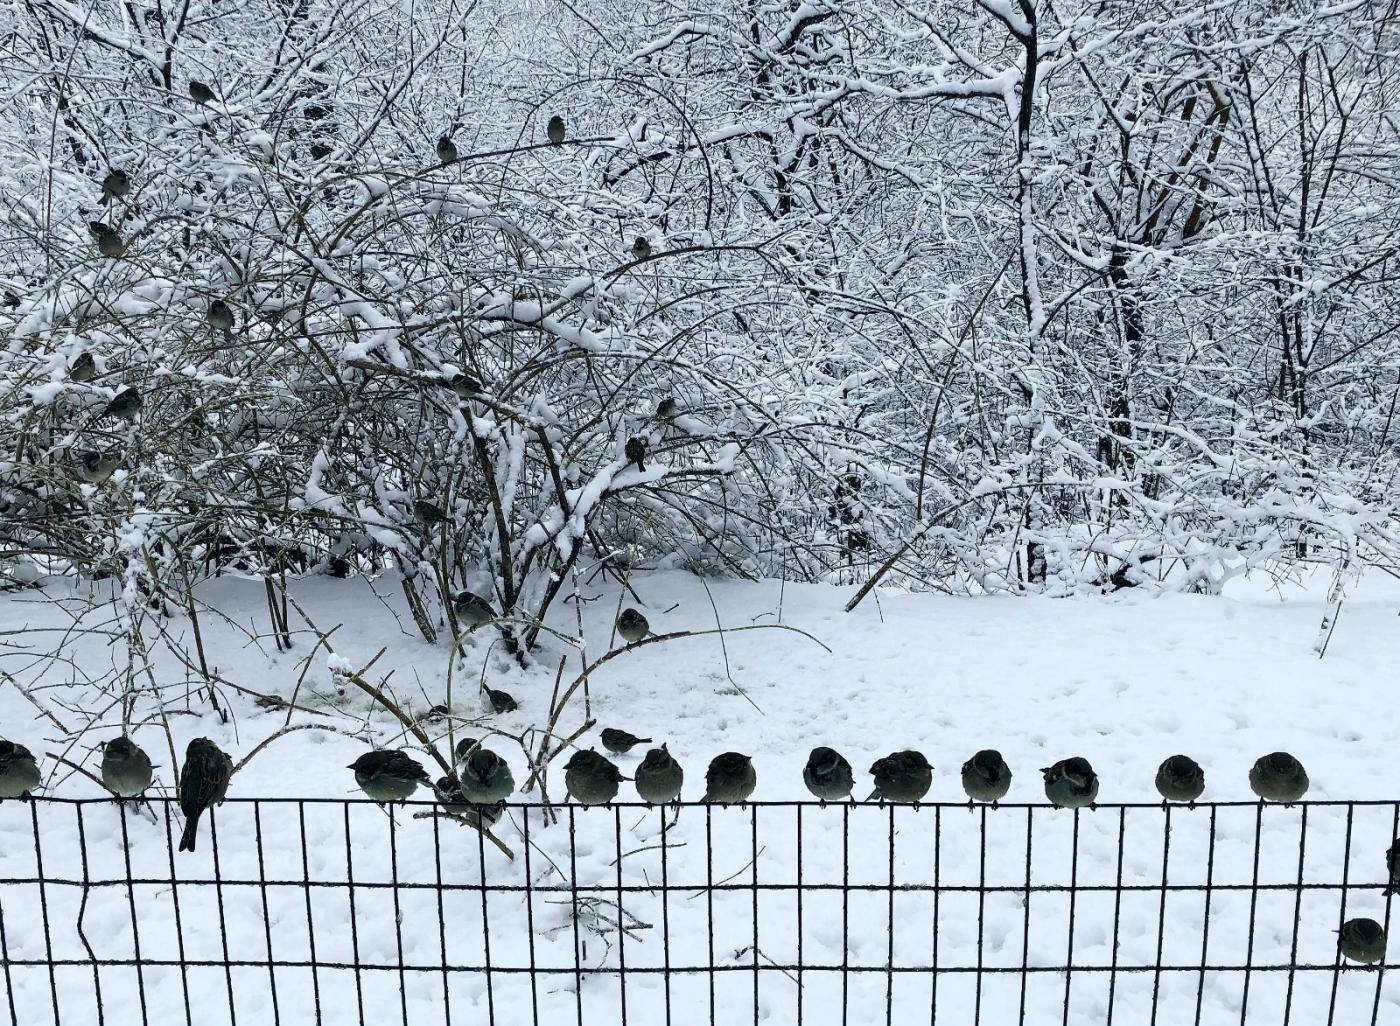 【田螺手机摄影】在纽约市拍雪景、还是中央公园最漂亮_图1-24